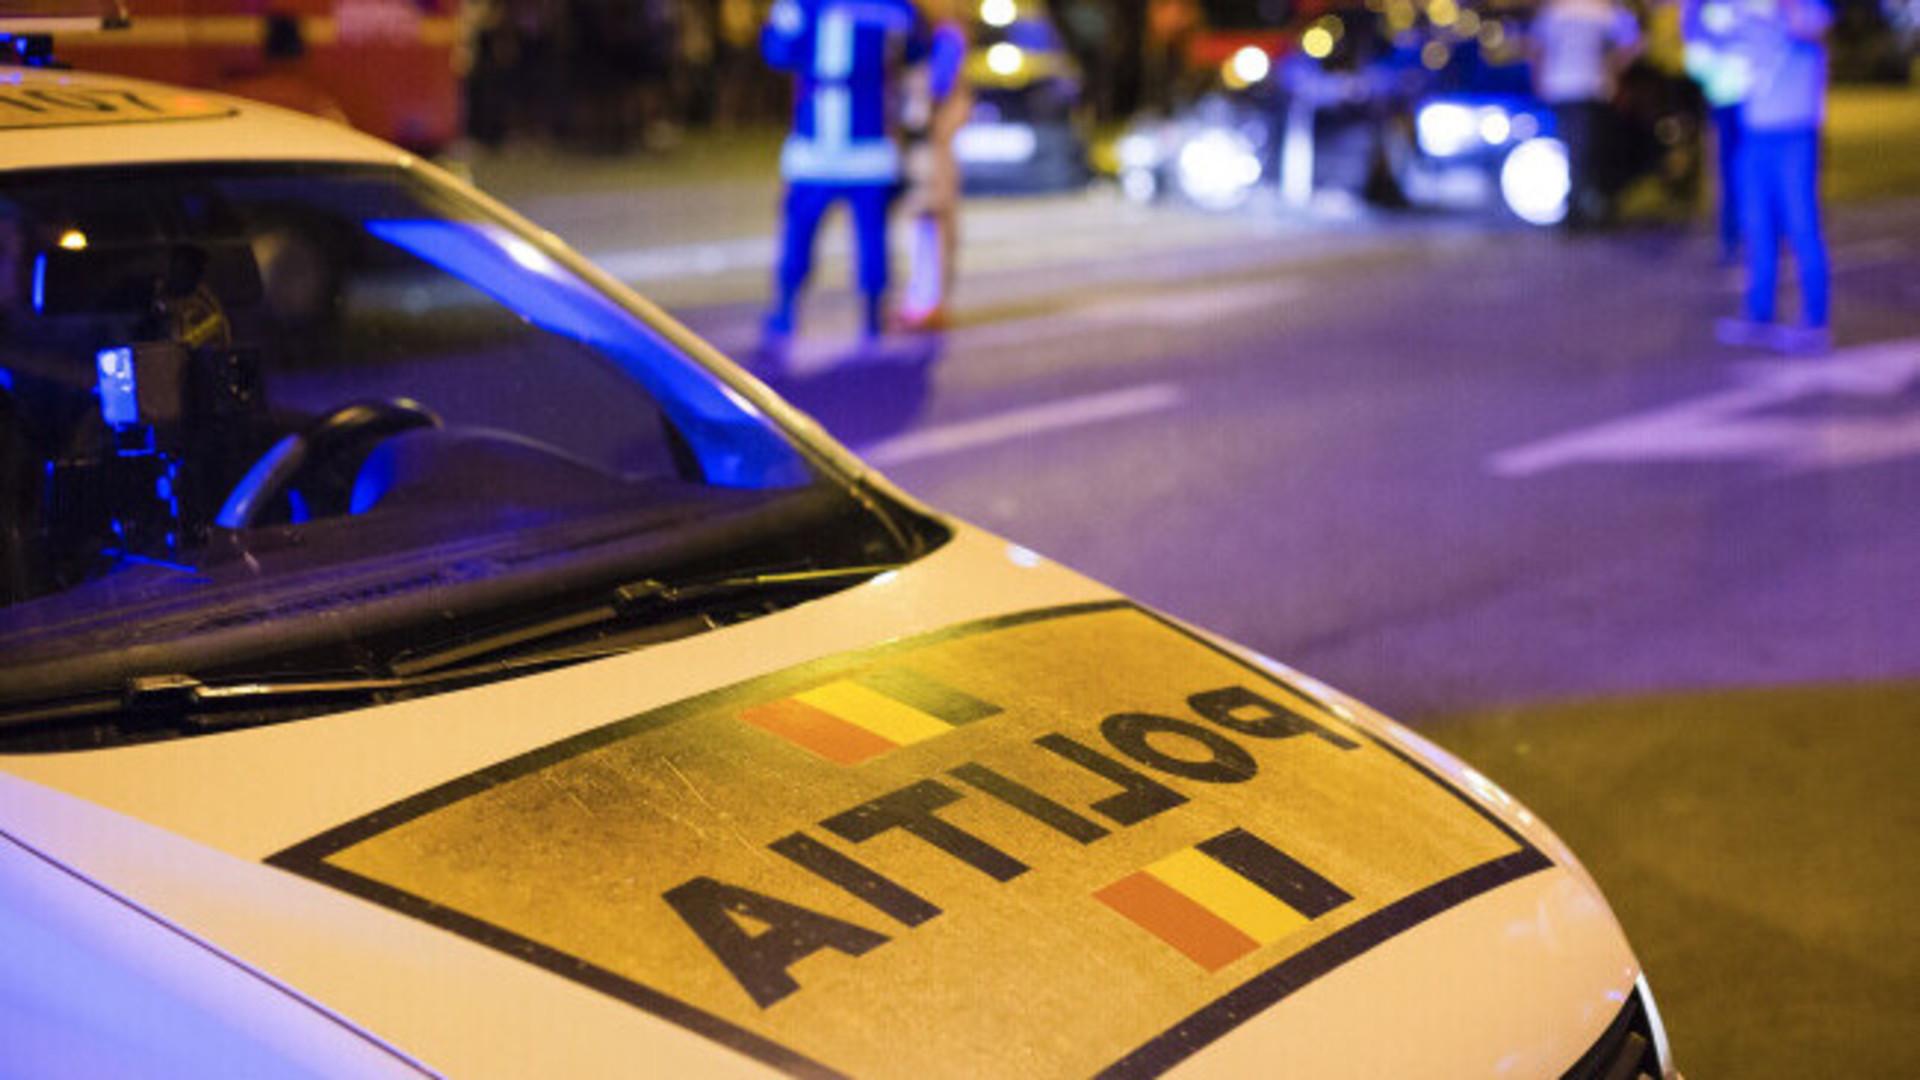 Un fiu de judecător a accidentat mortal o femeie și a fugit de la locul faptei